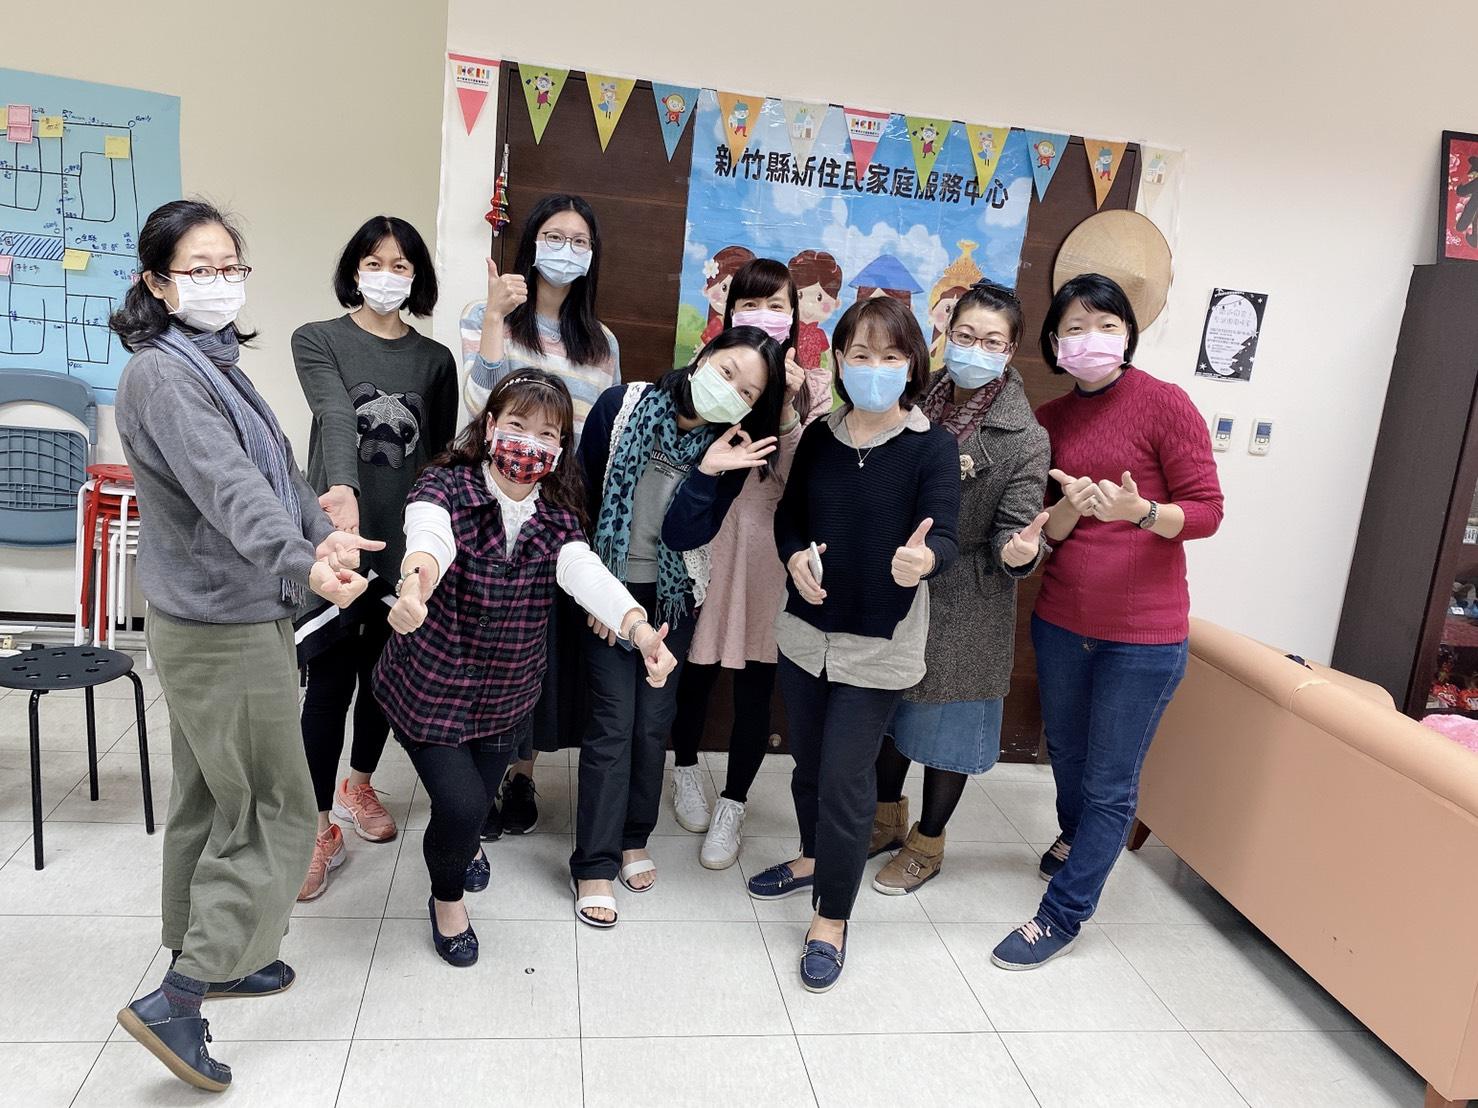 分享新住民朋友在台灣在客庄「遇見美好人生」的故事